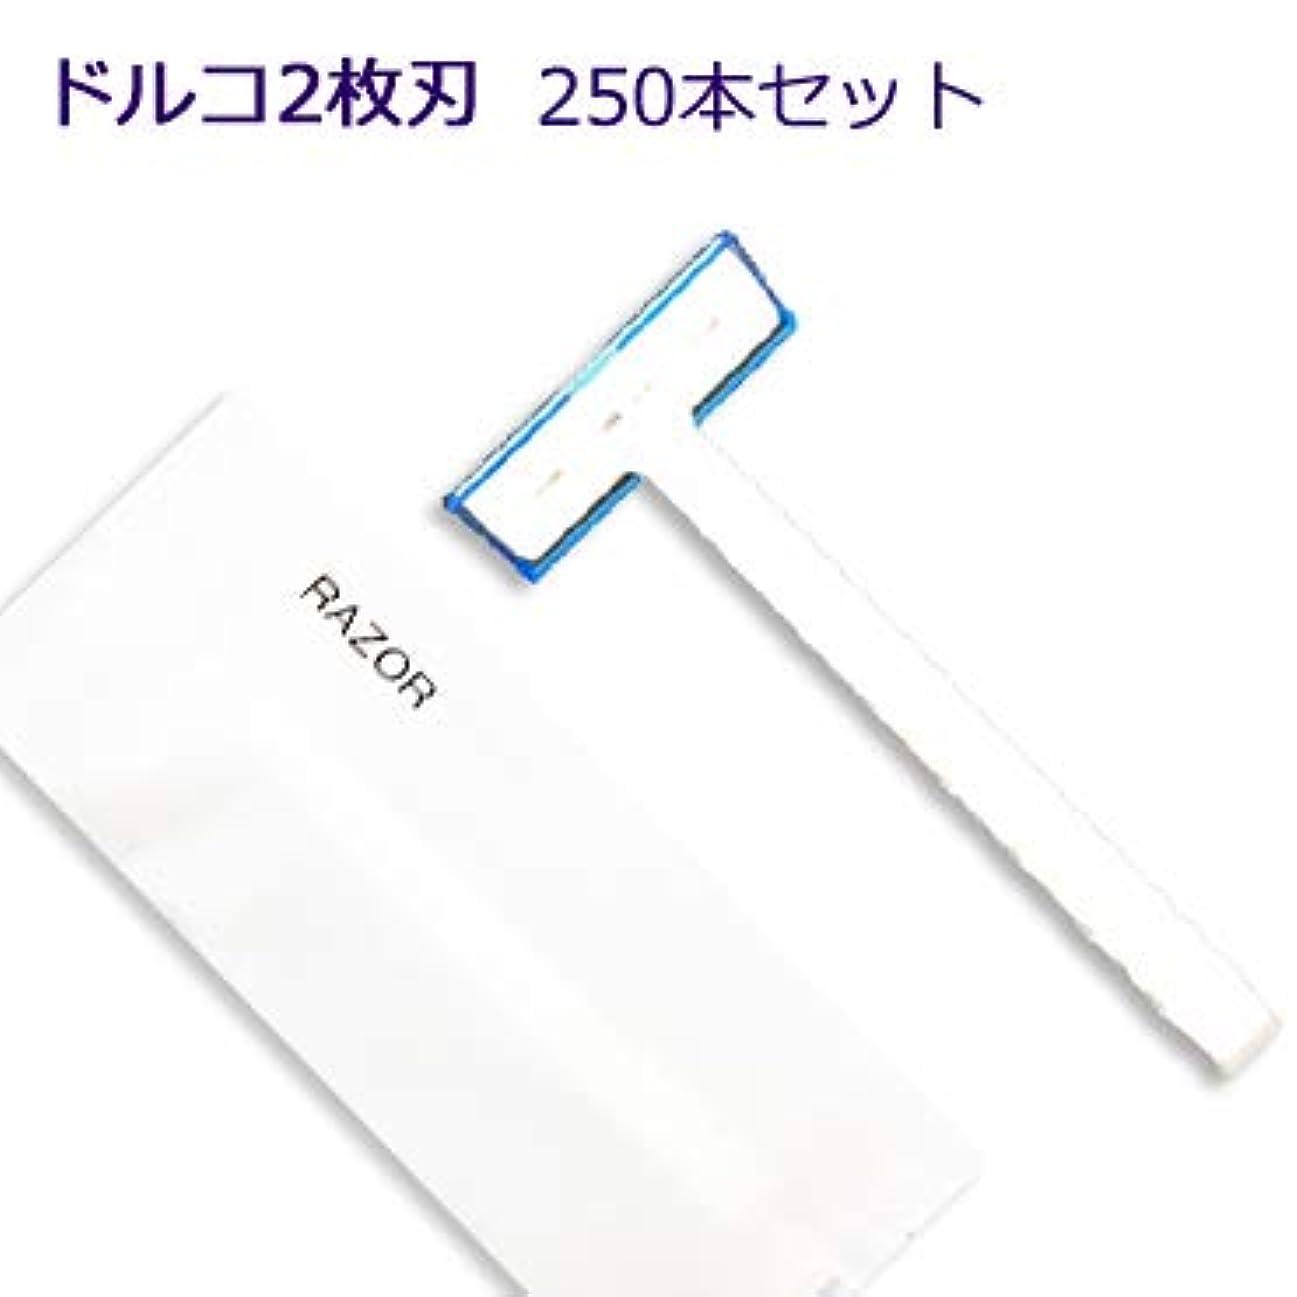 汗不適切な洗うホテル業務用 カミソリ マットシリーズ ドルコ 2枚刃 (1セット250個入)